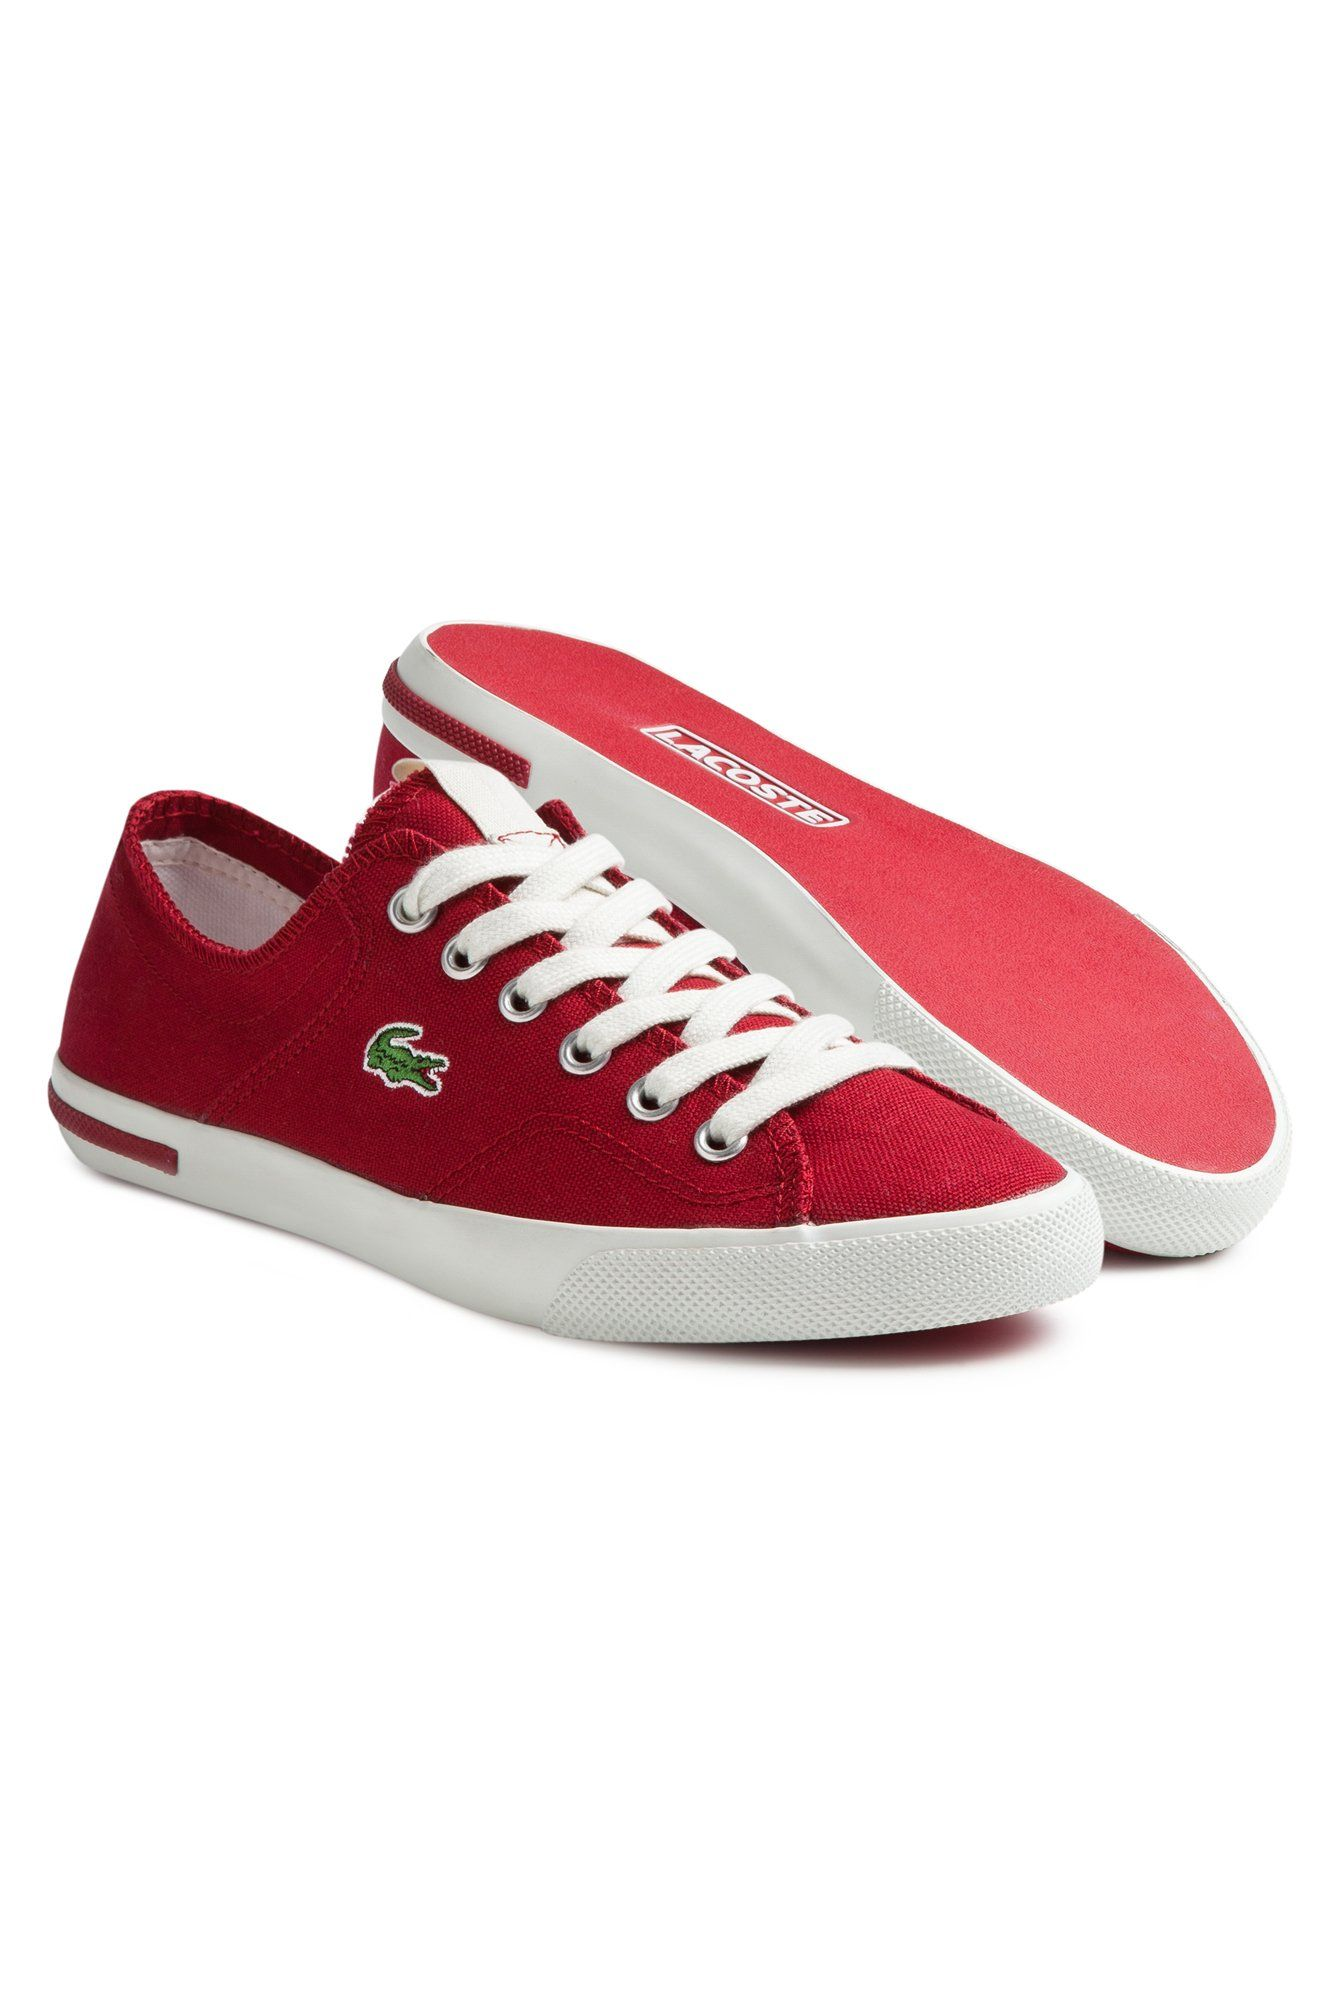 5842544c0 New Lacoste sneakers! Lacoste Women s Newton CI